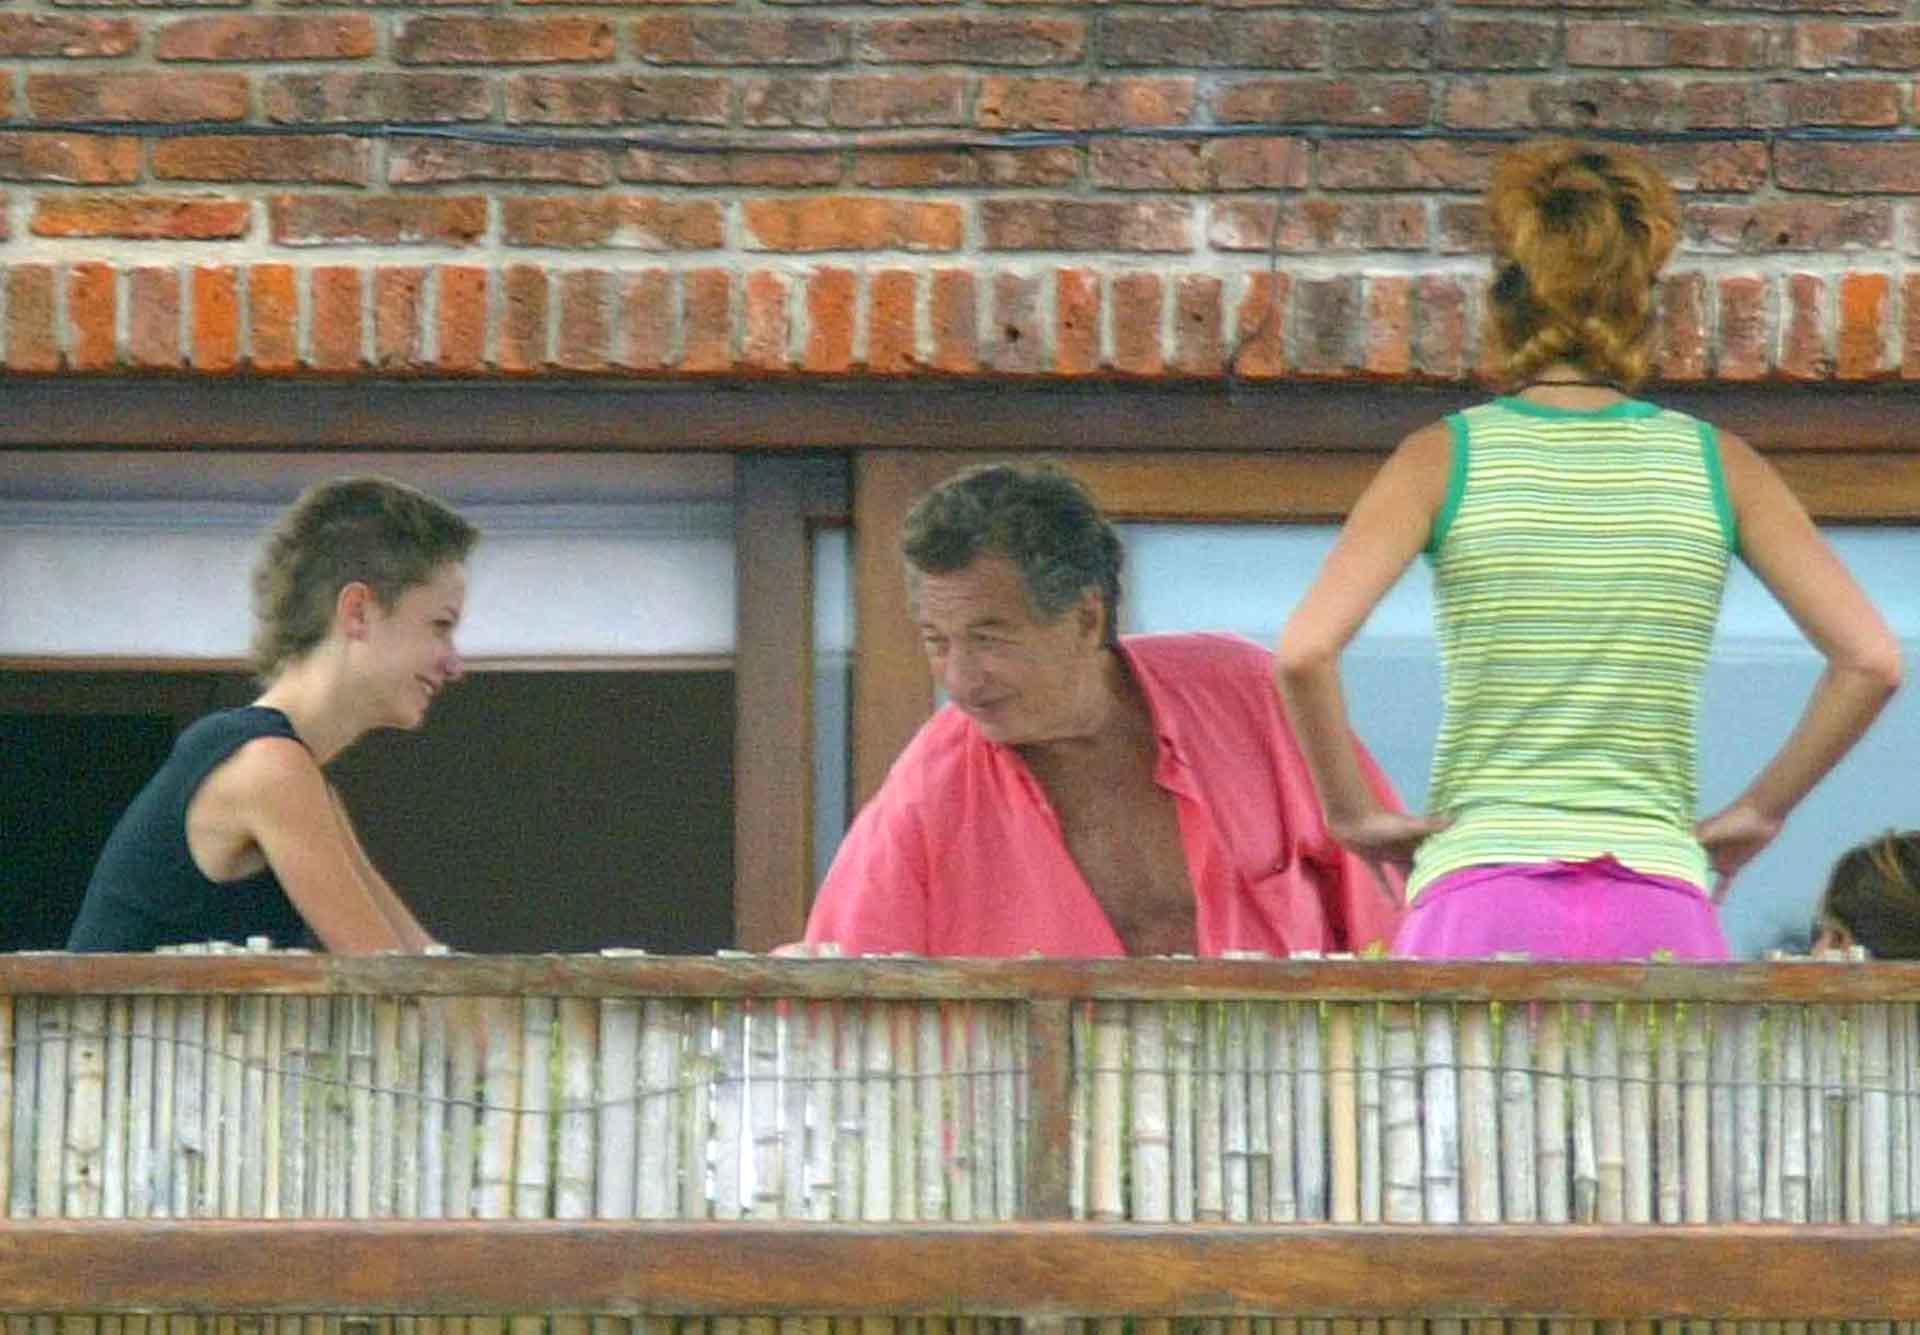 Franco Macri también sufrió en su momento el secuestro de su hija Florencia, con quien compartió vacaciones durante muchos veranos en Punta del Este (AFP)